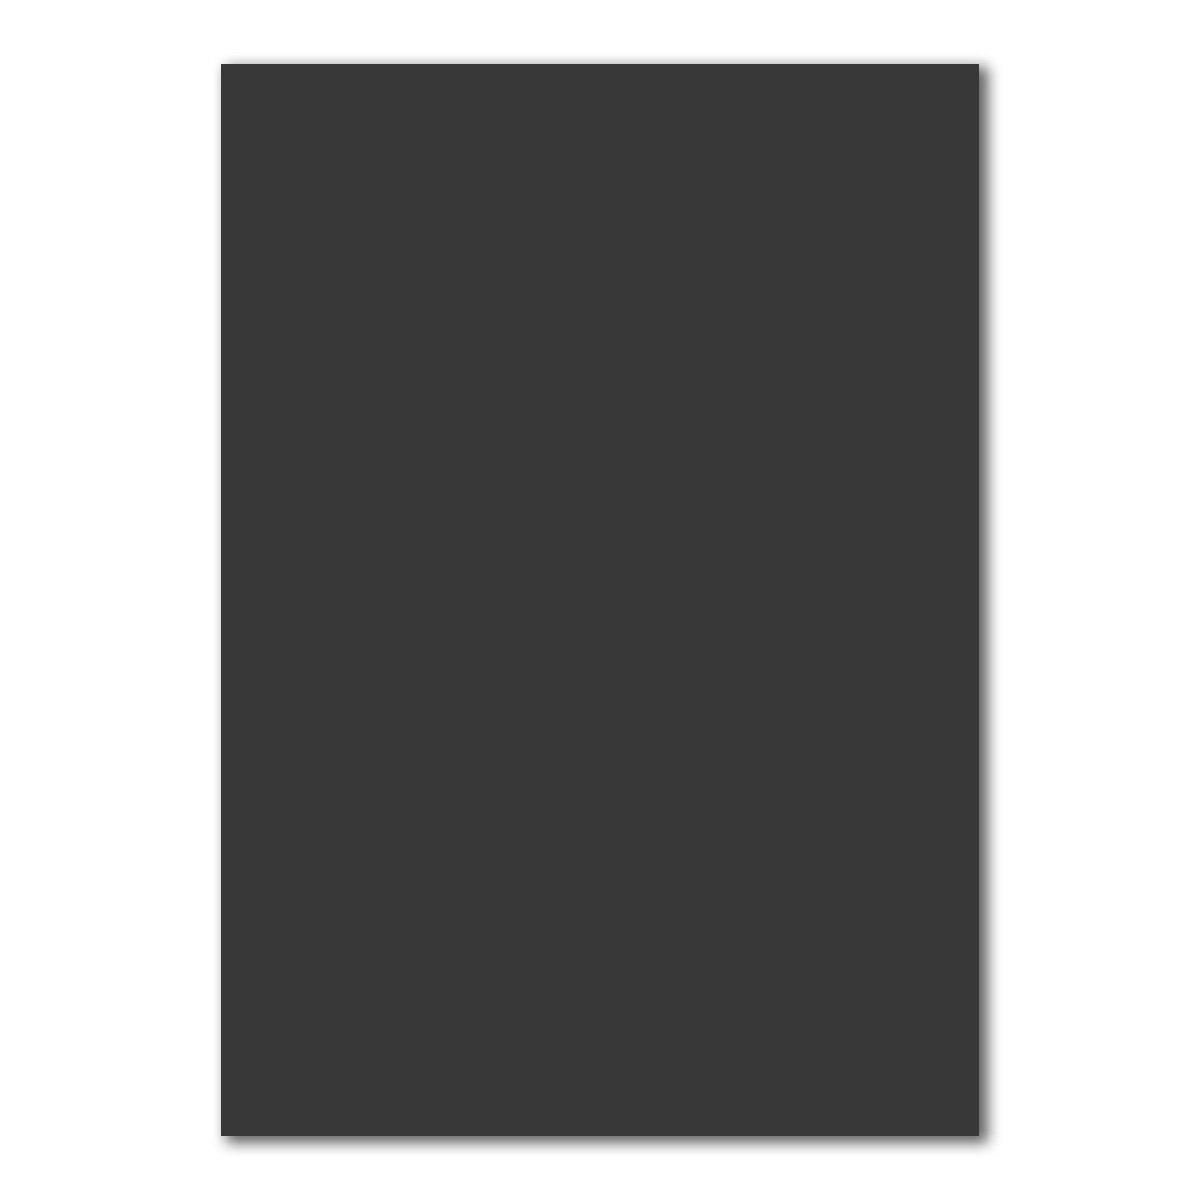 DIN A4 A4 A4 Carta arco planobogen Coloreeee froh gesamtparent 200 Blatt 39-nero | Di Alta Qualità E Poco Costoso  | Di Modo Attraente  | Outlet Store Online  | Nuovo design  | Vinci molto apprezzato  | Acquisto  | Ufficiale  | all'ingrosso  | Alta qual 86238a